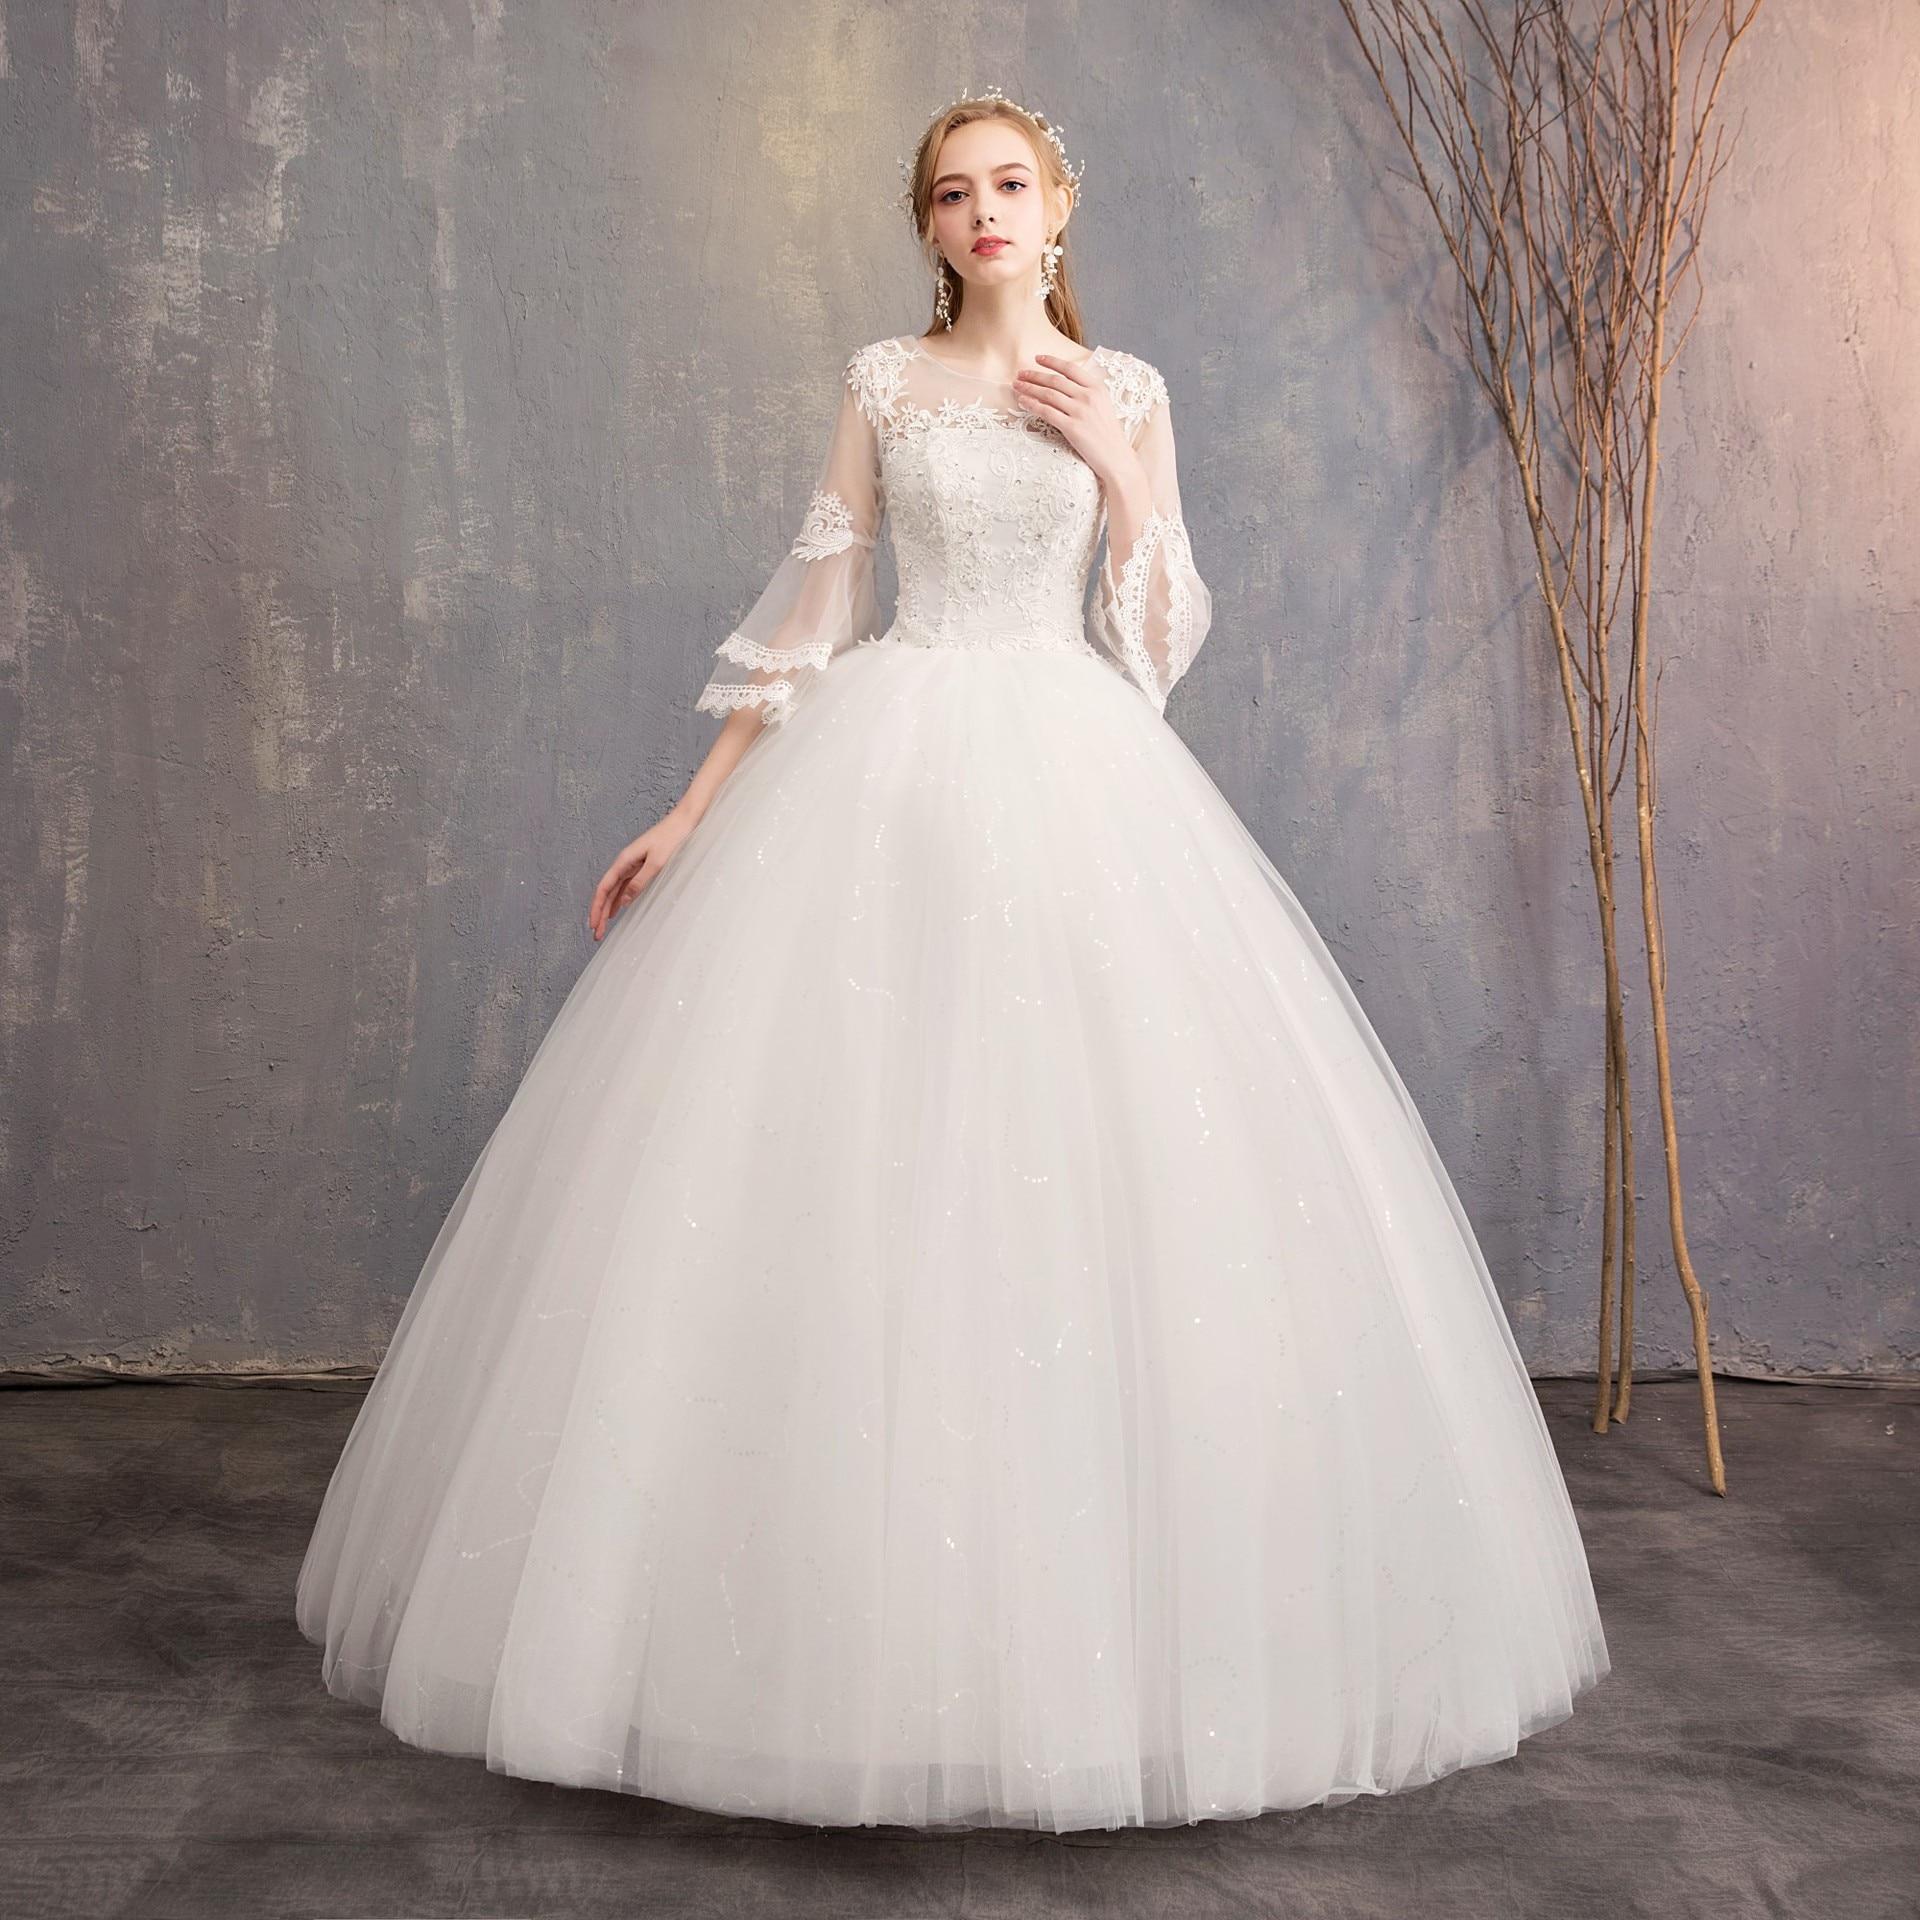 Full Ball Gown Wedding Dresses: 2019 New Arrival Do Dower Full Sleeve Wedding Dress Ball